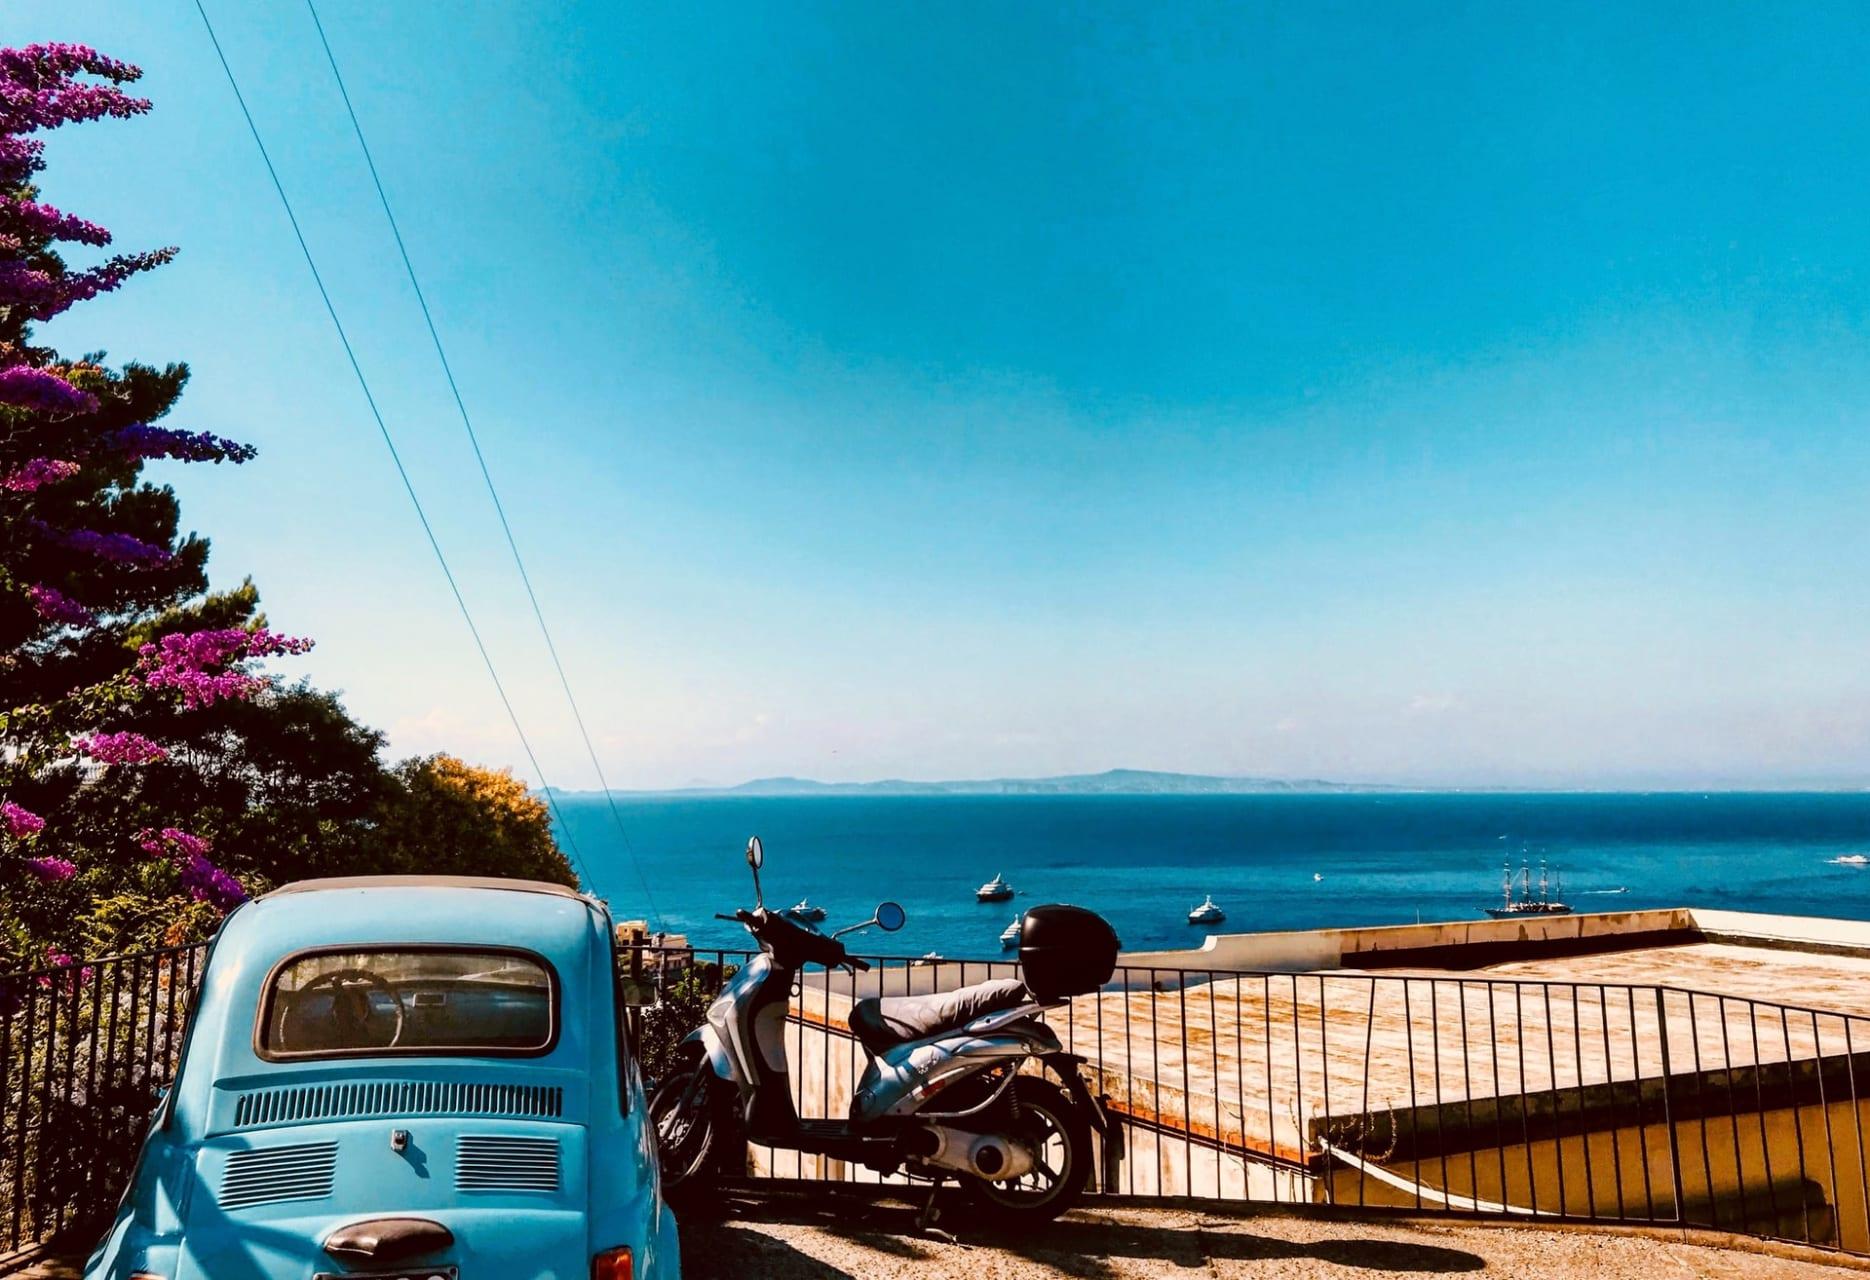 Capri Island - Capri Dolce Vita: Vespa Ride and UNESCO town